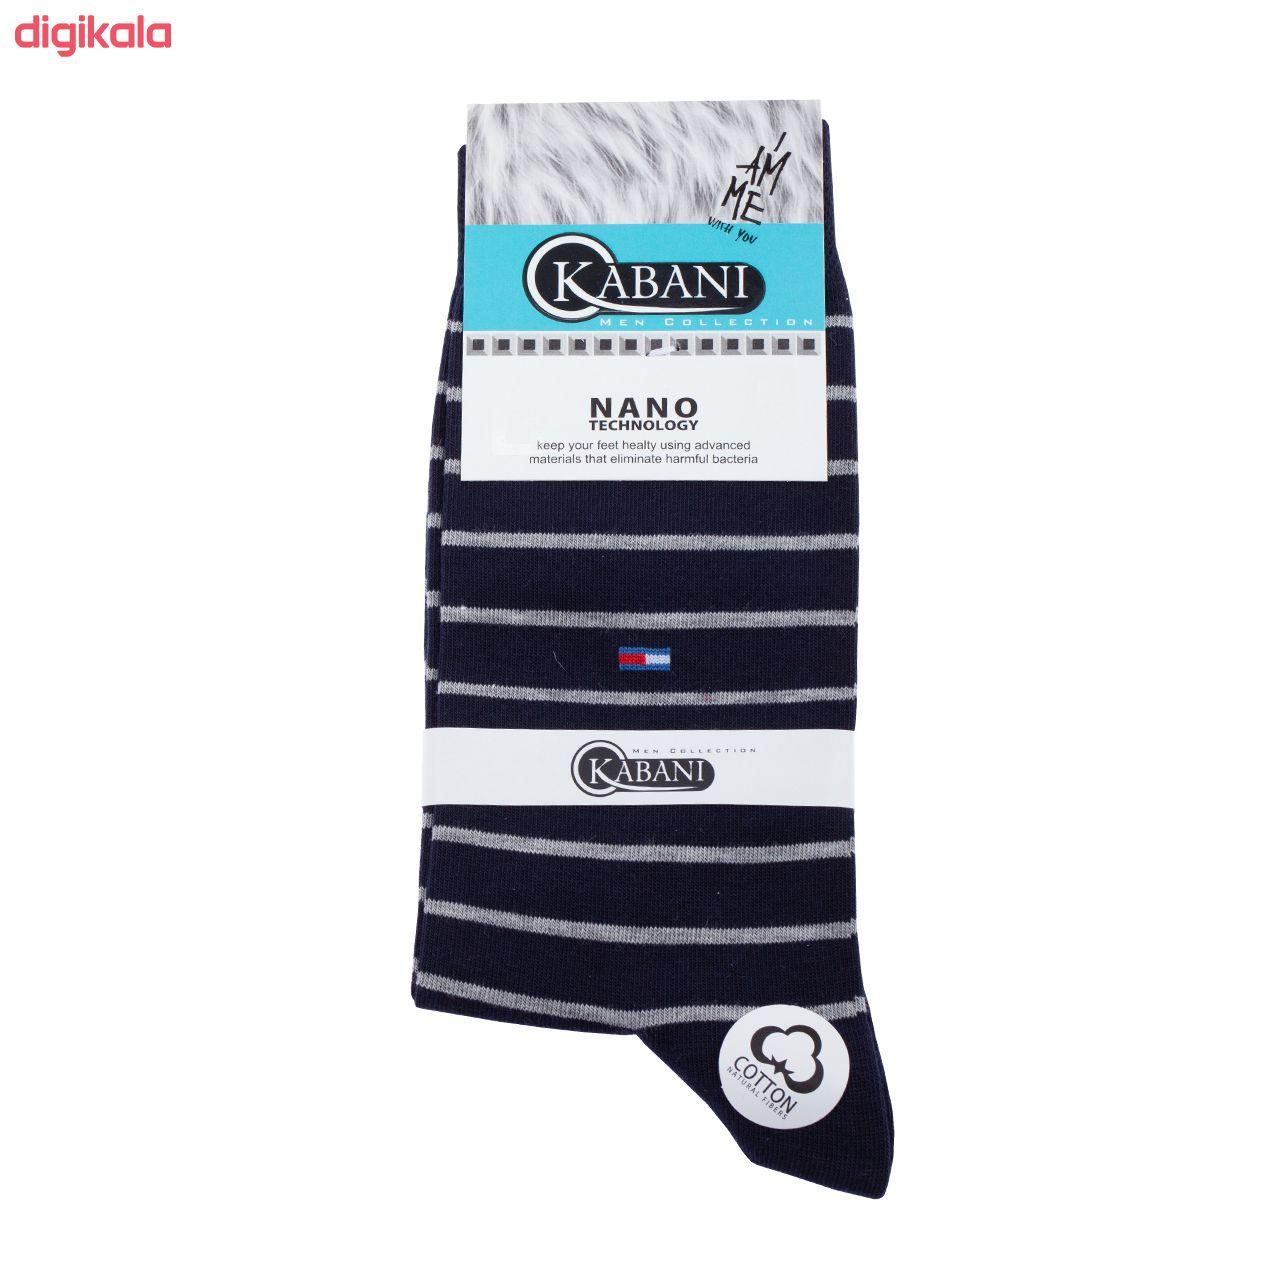 جوراب مردانه کابانی مدل T2020 کد 77 رنگ سرمه ای main 1 1